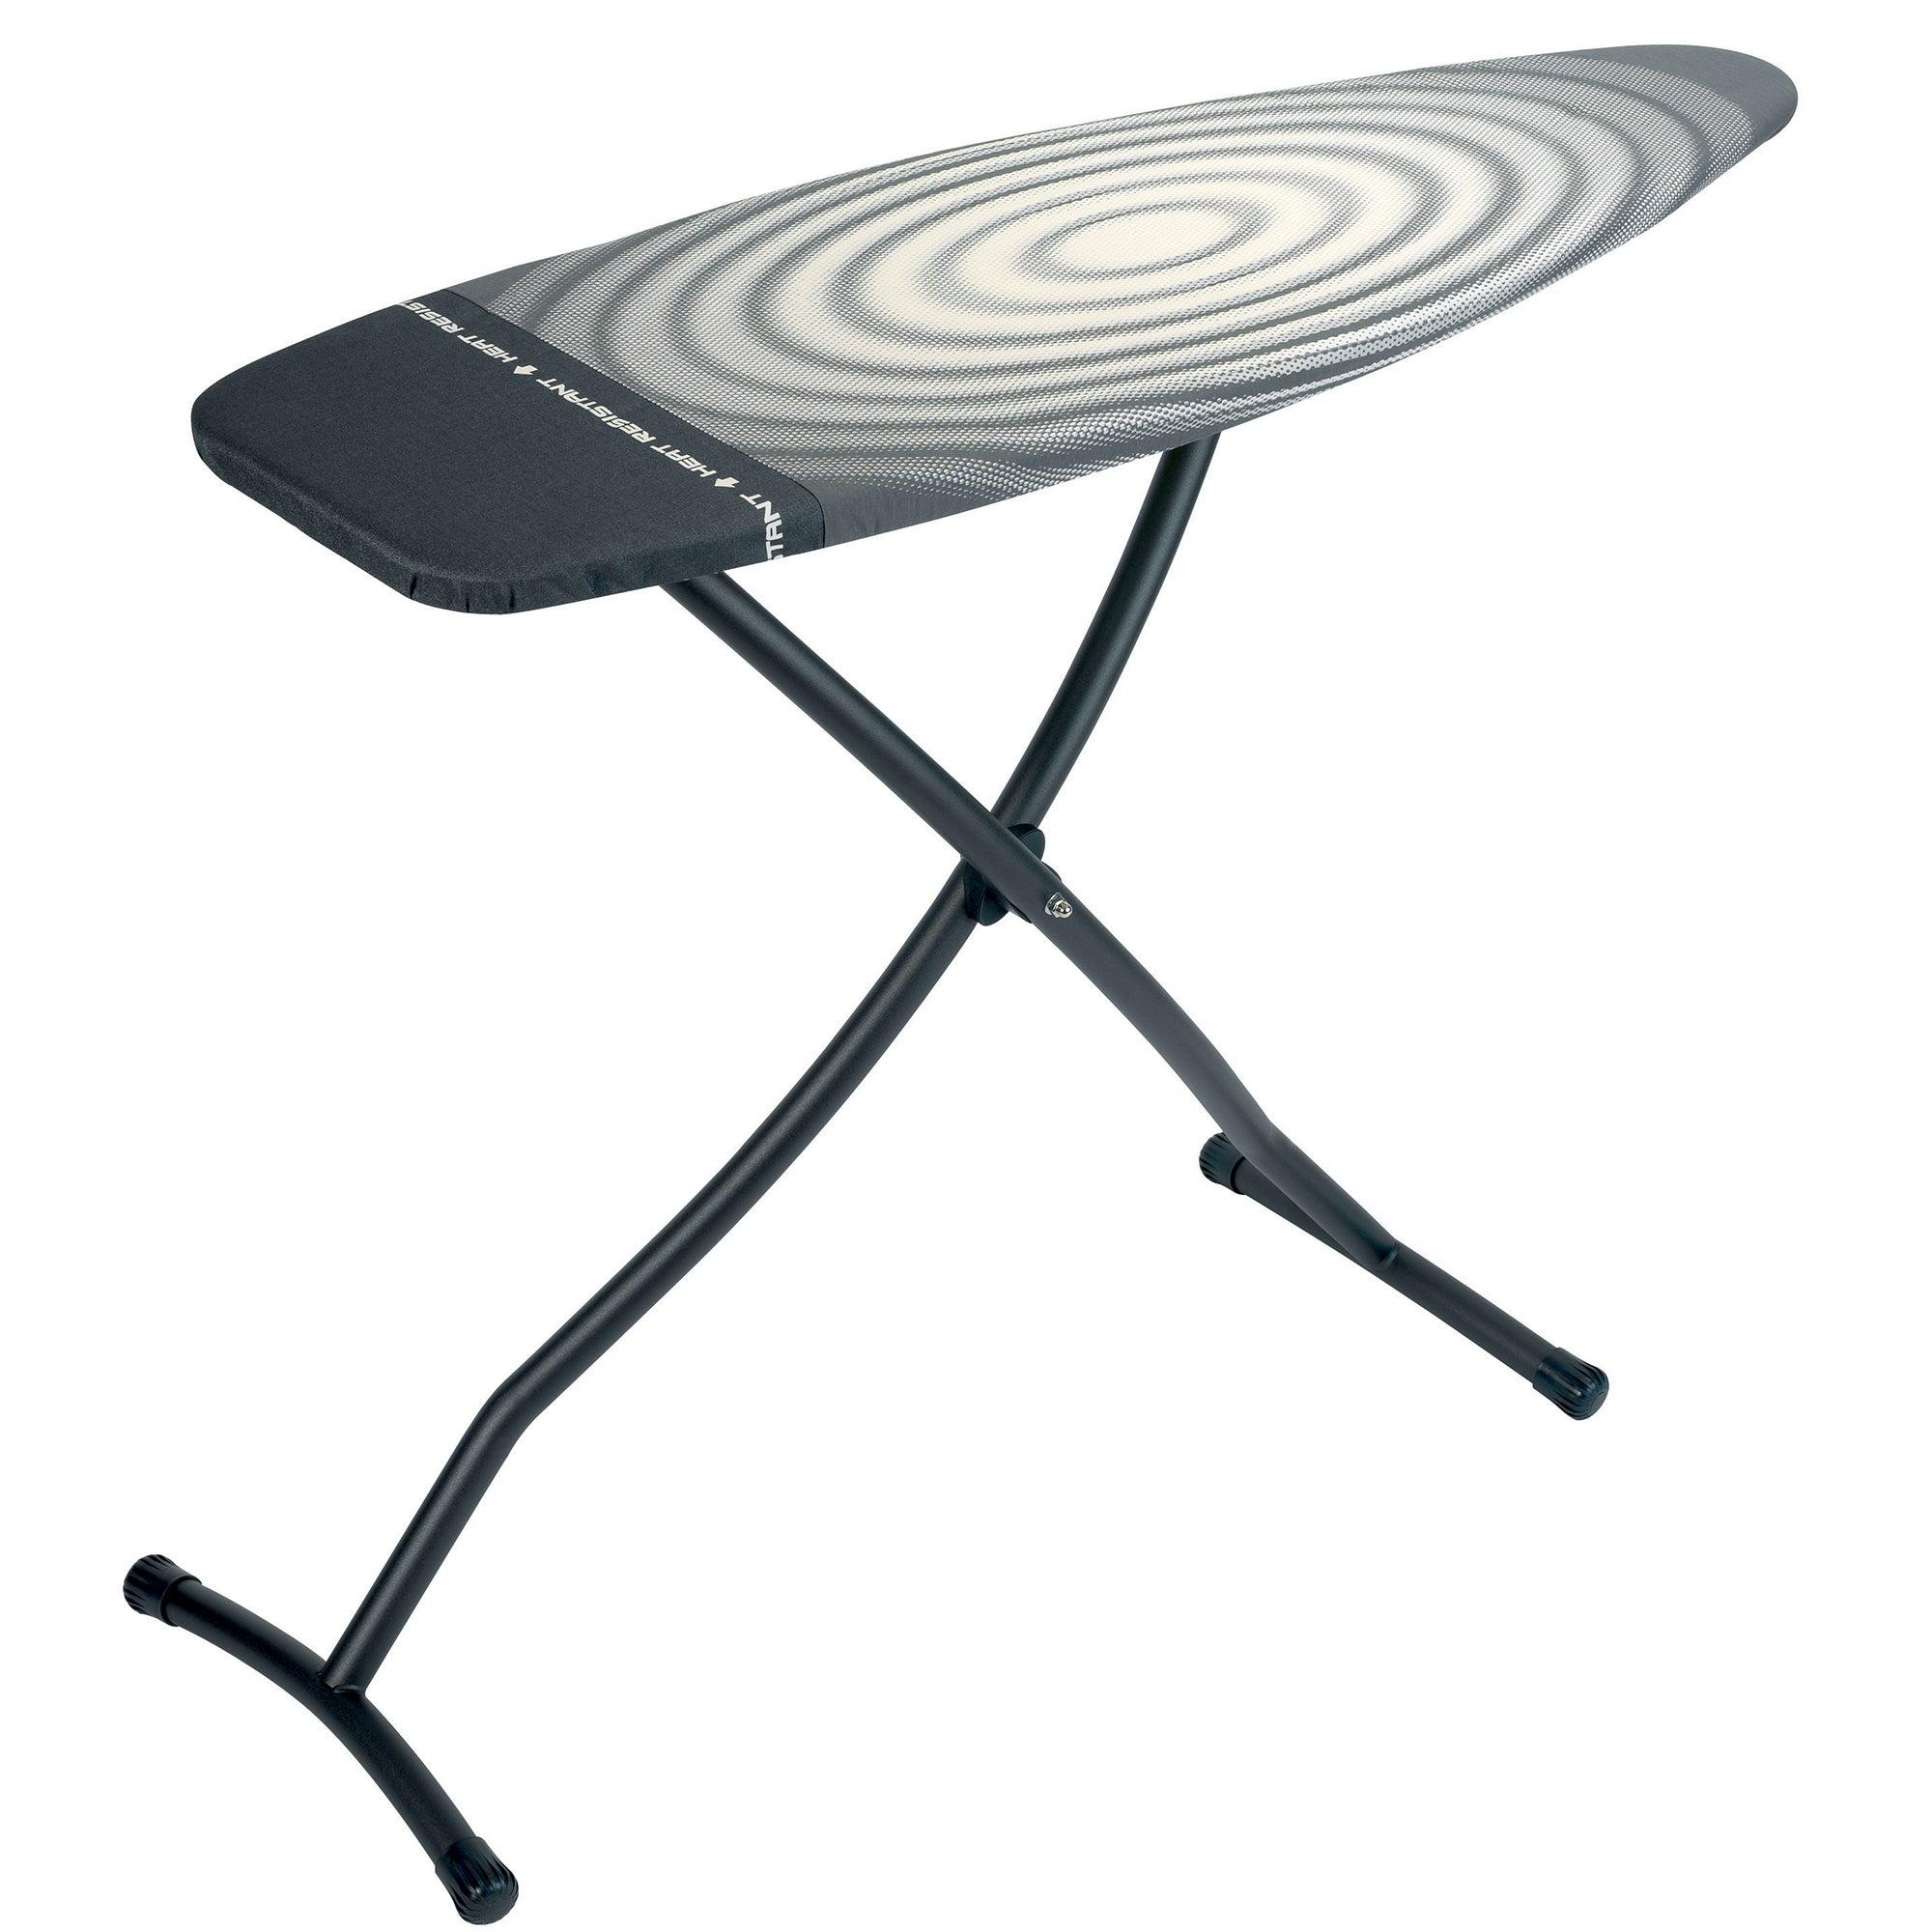 Brabantia Titan Oval Ironing Board